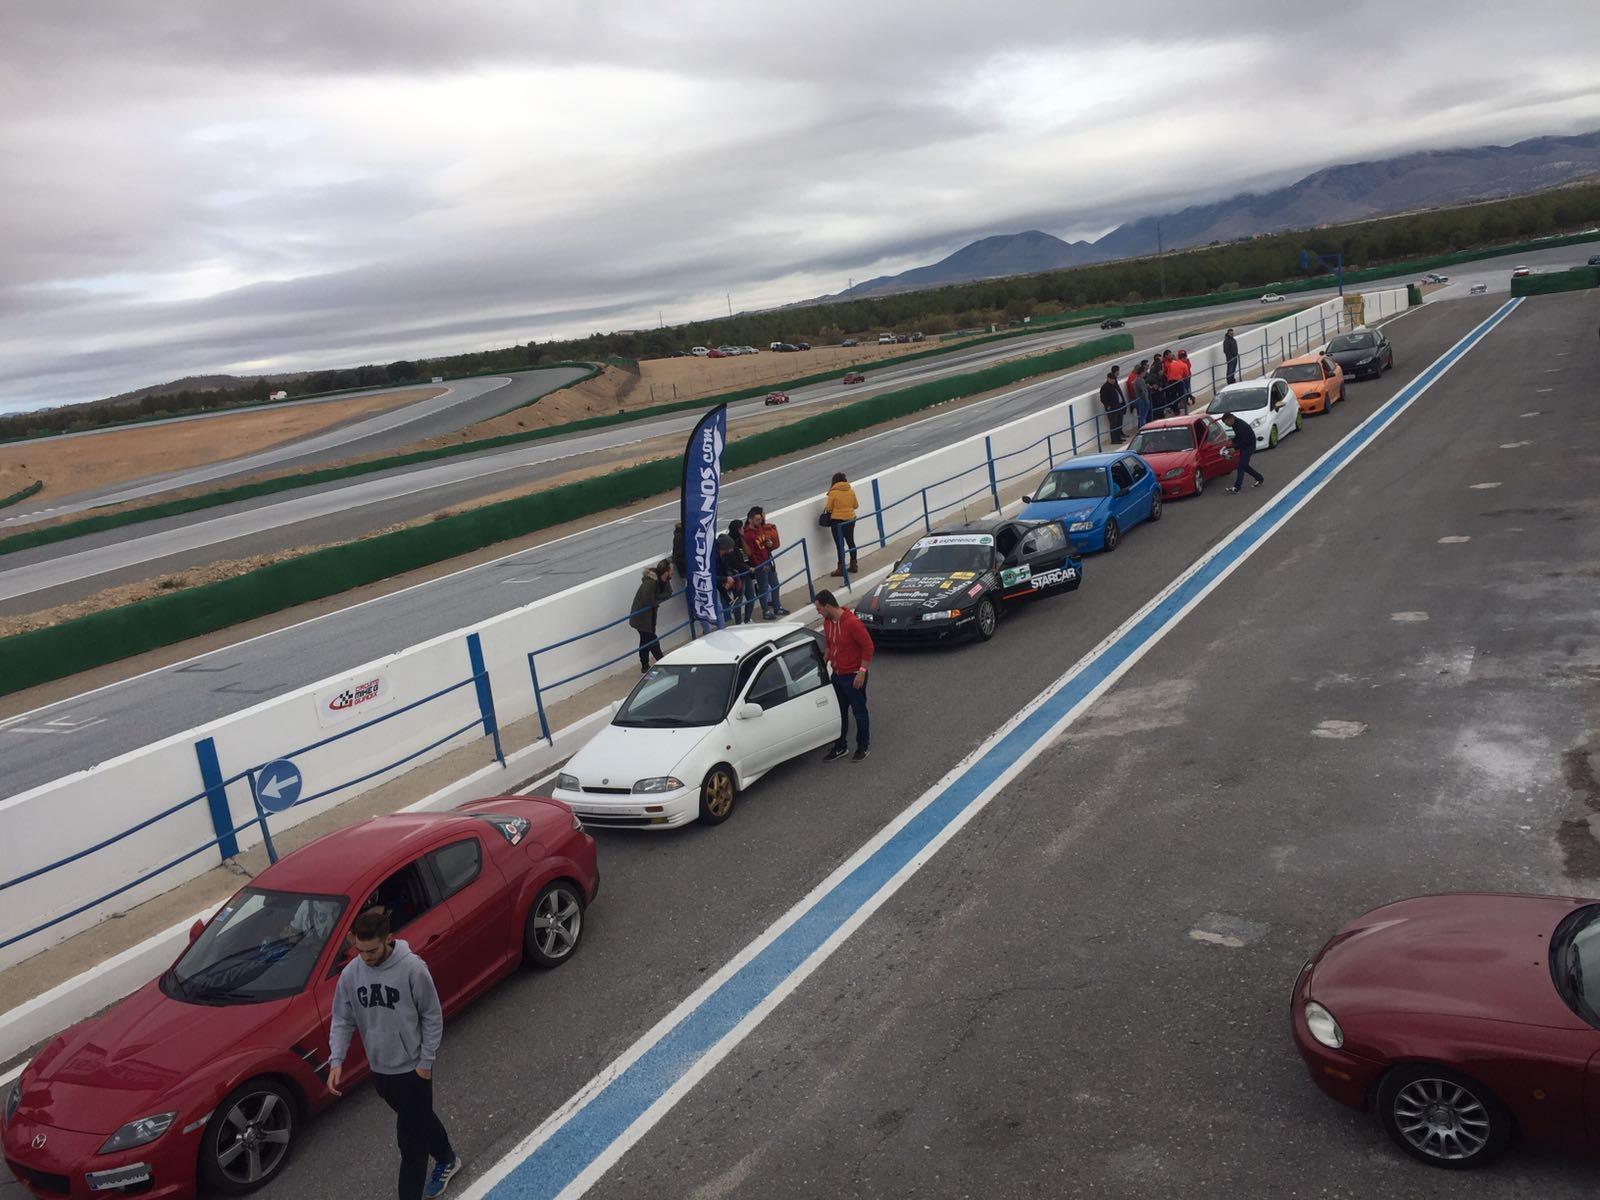 Circuito Guadix : Circuito de guadix